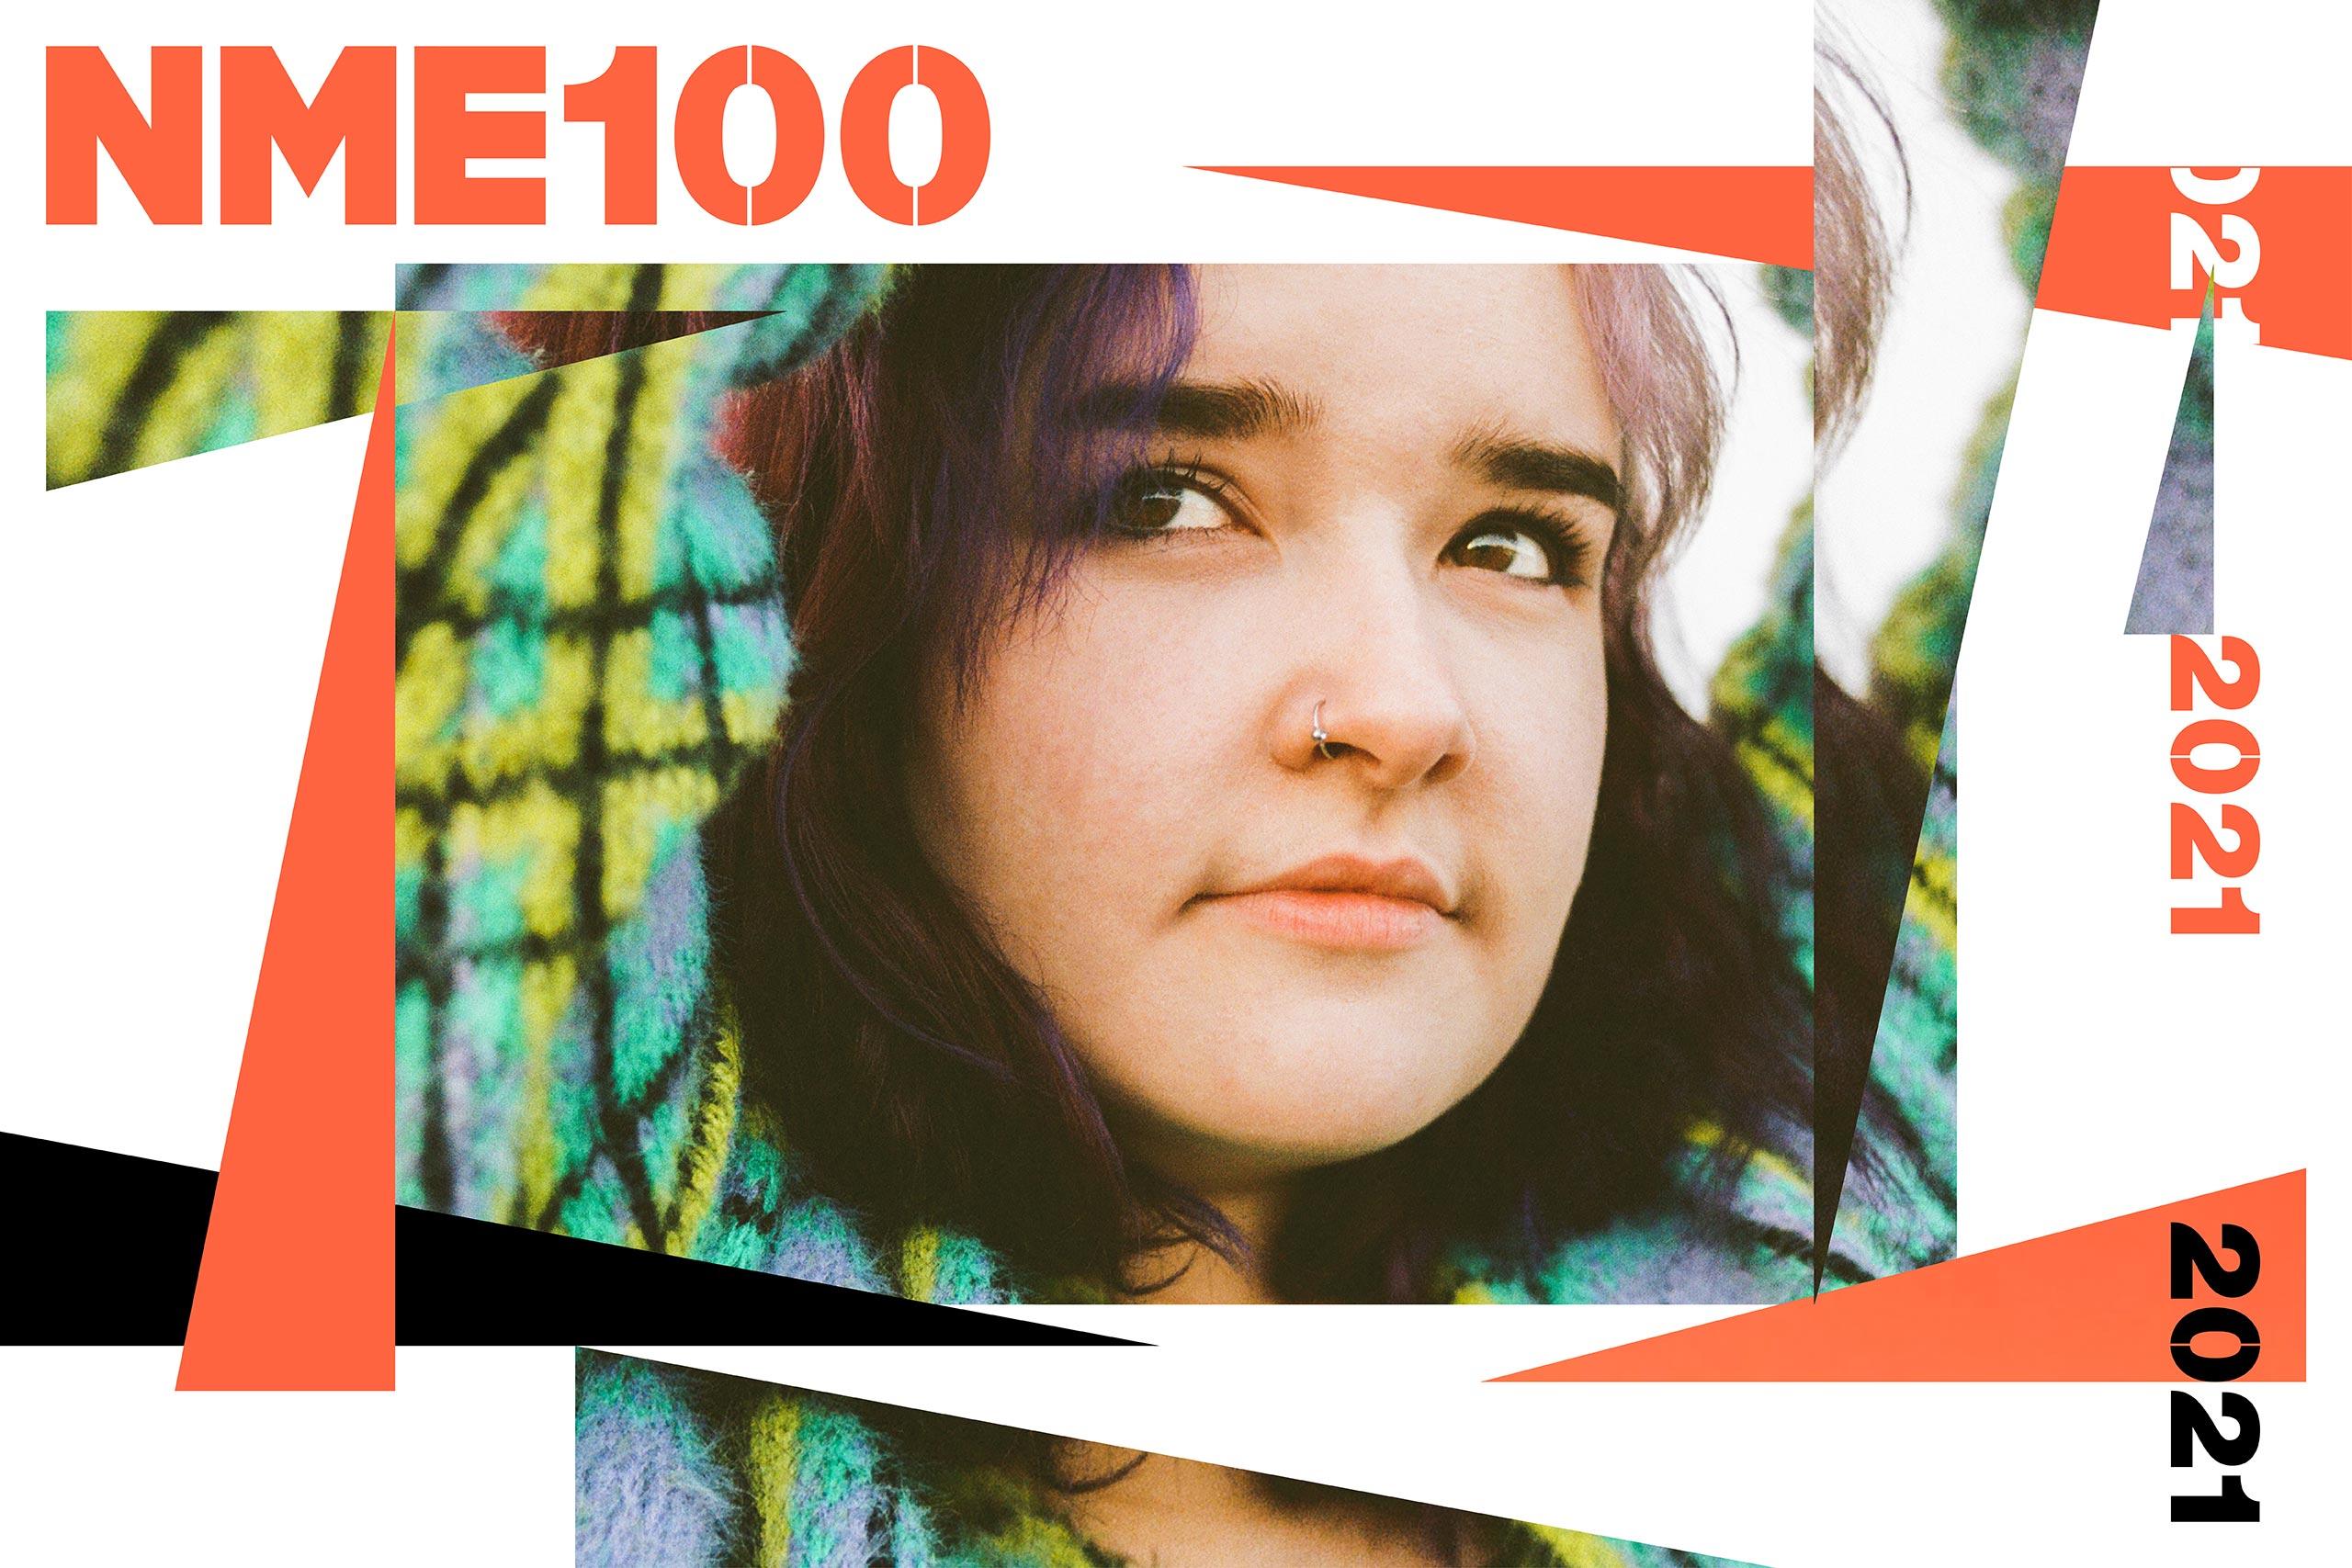 NME 100 smoothboi ezra